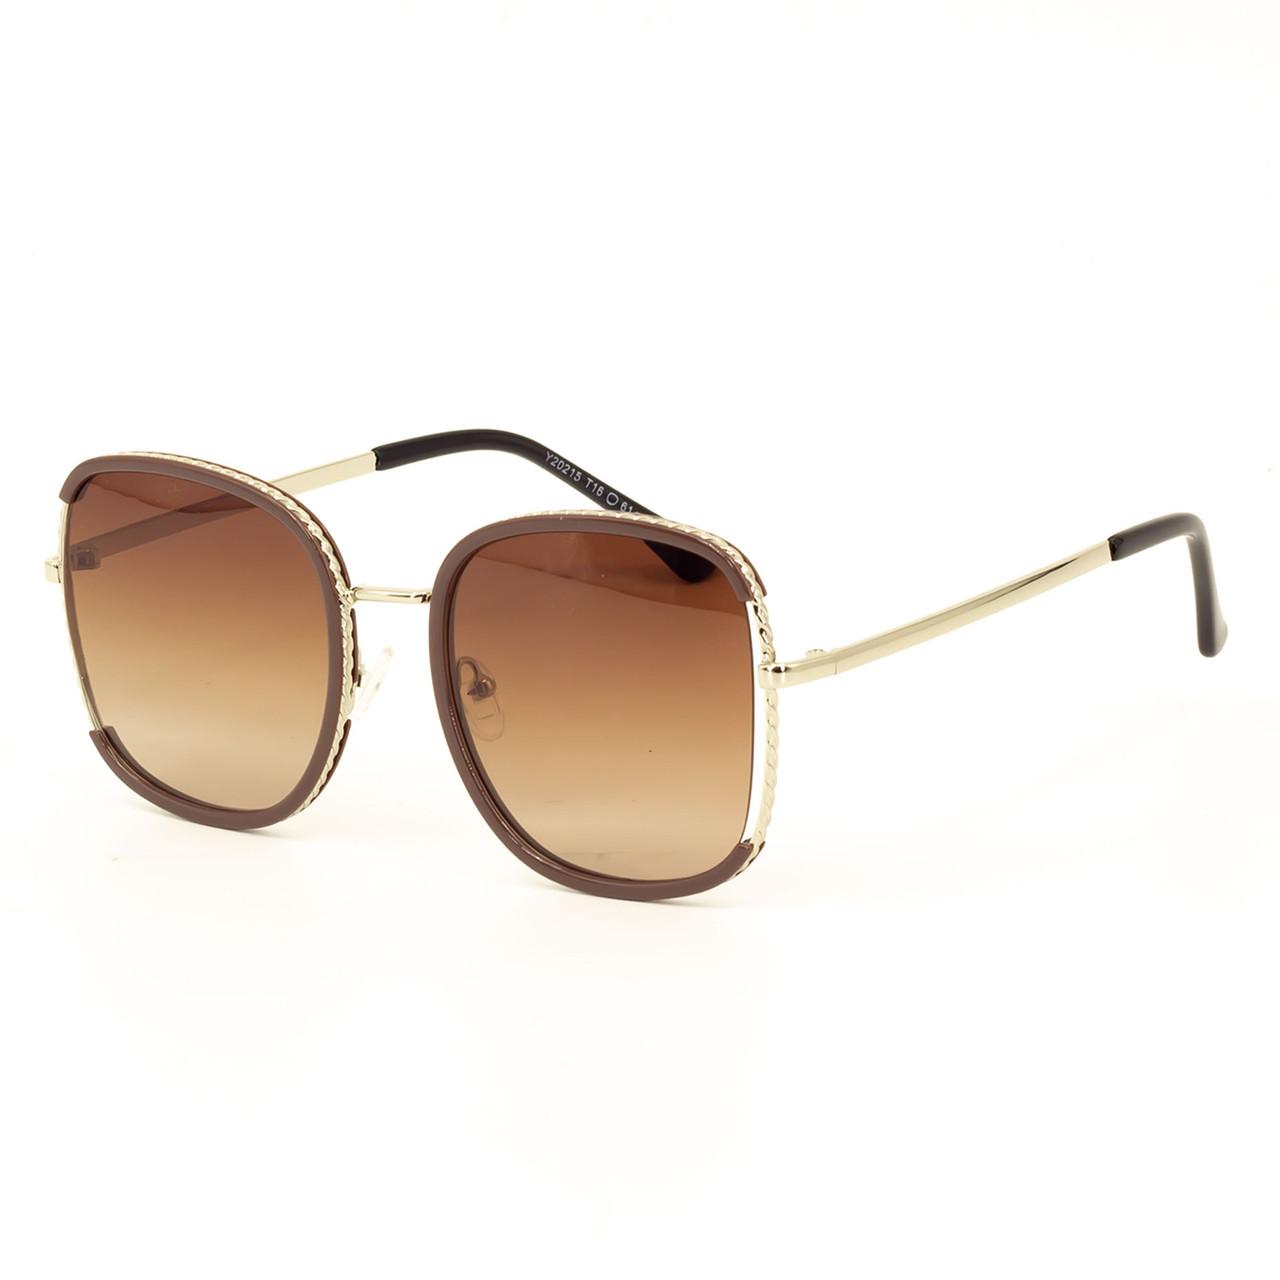 Сонцезахисні окуляри Marmilen TR-90 20215 C2 коричневі ( YA20215-02 )